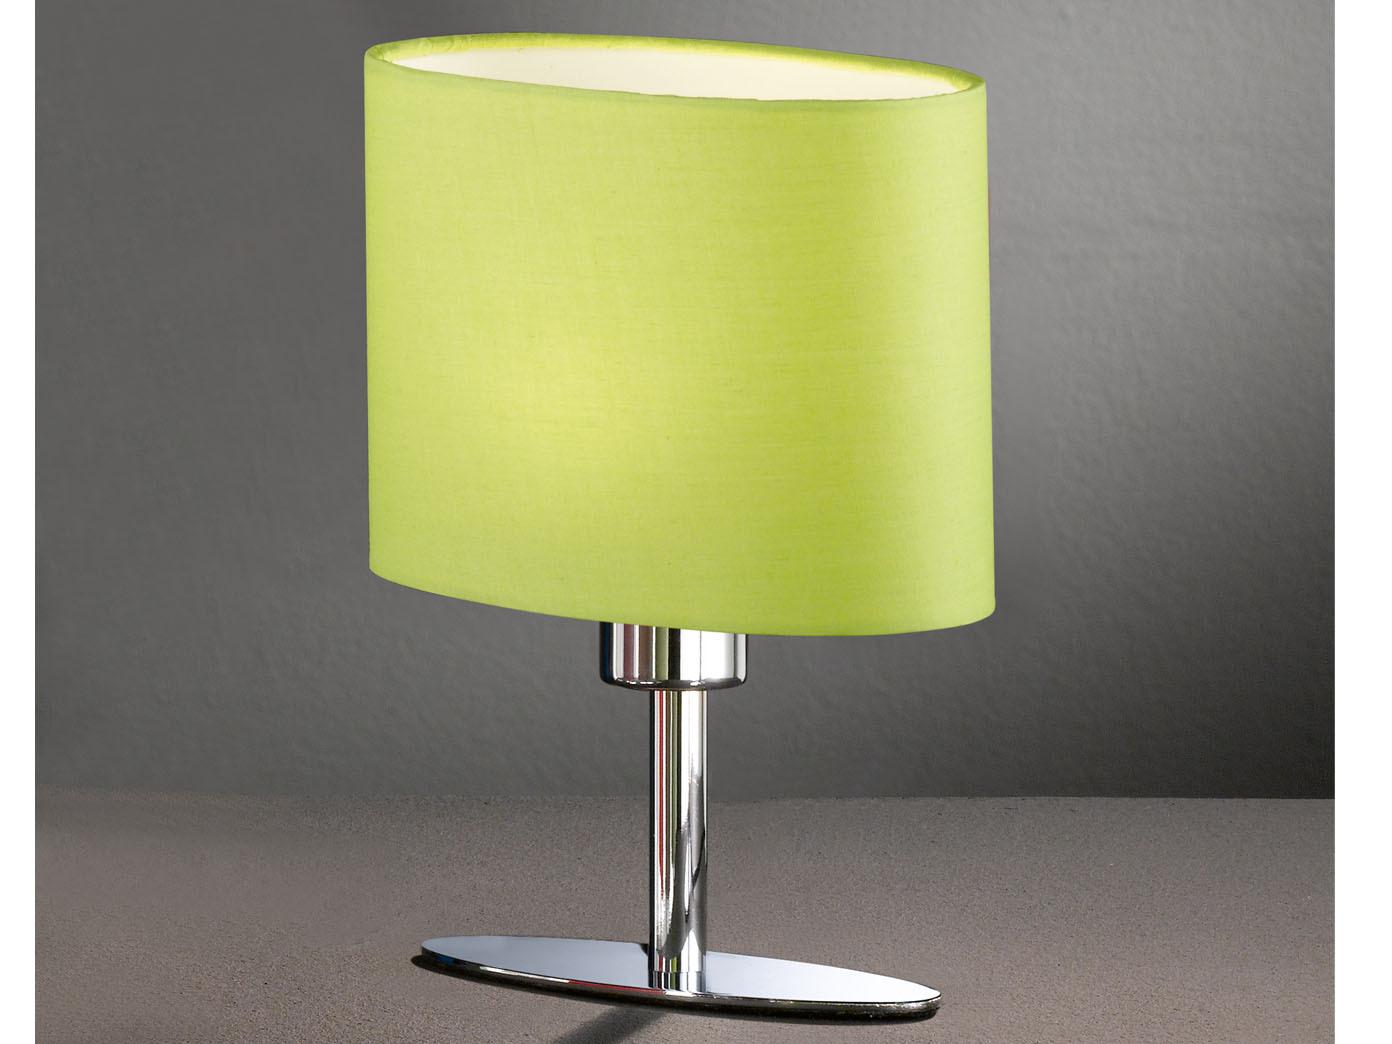 Das Bild Wird Geladen Tischleuchte YIMMI Schirm Gruen Oval Wohnzimmerlampe Nachttisch Honsel